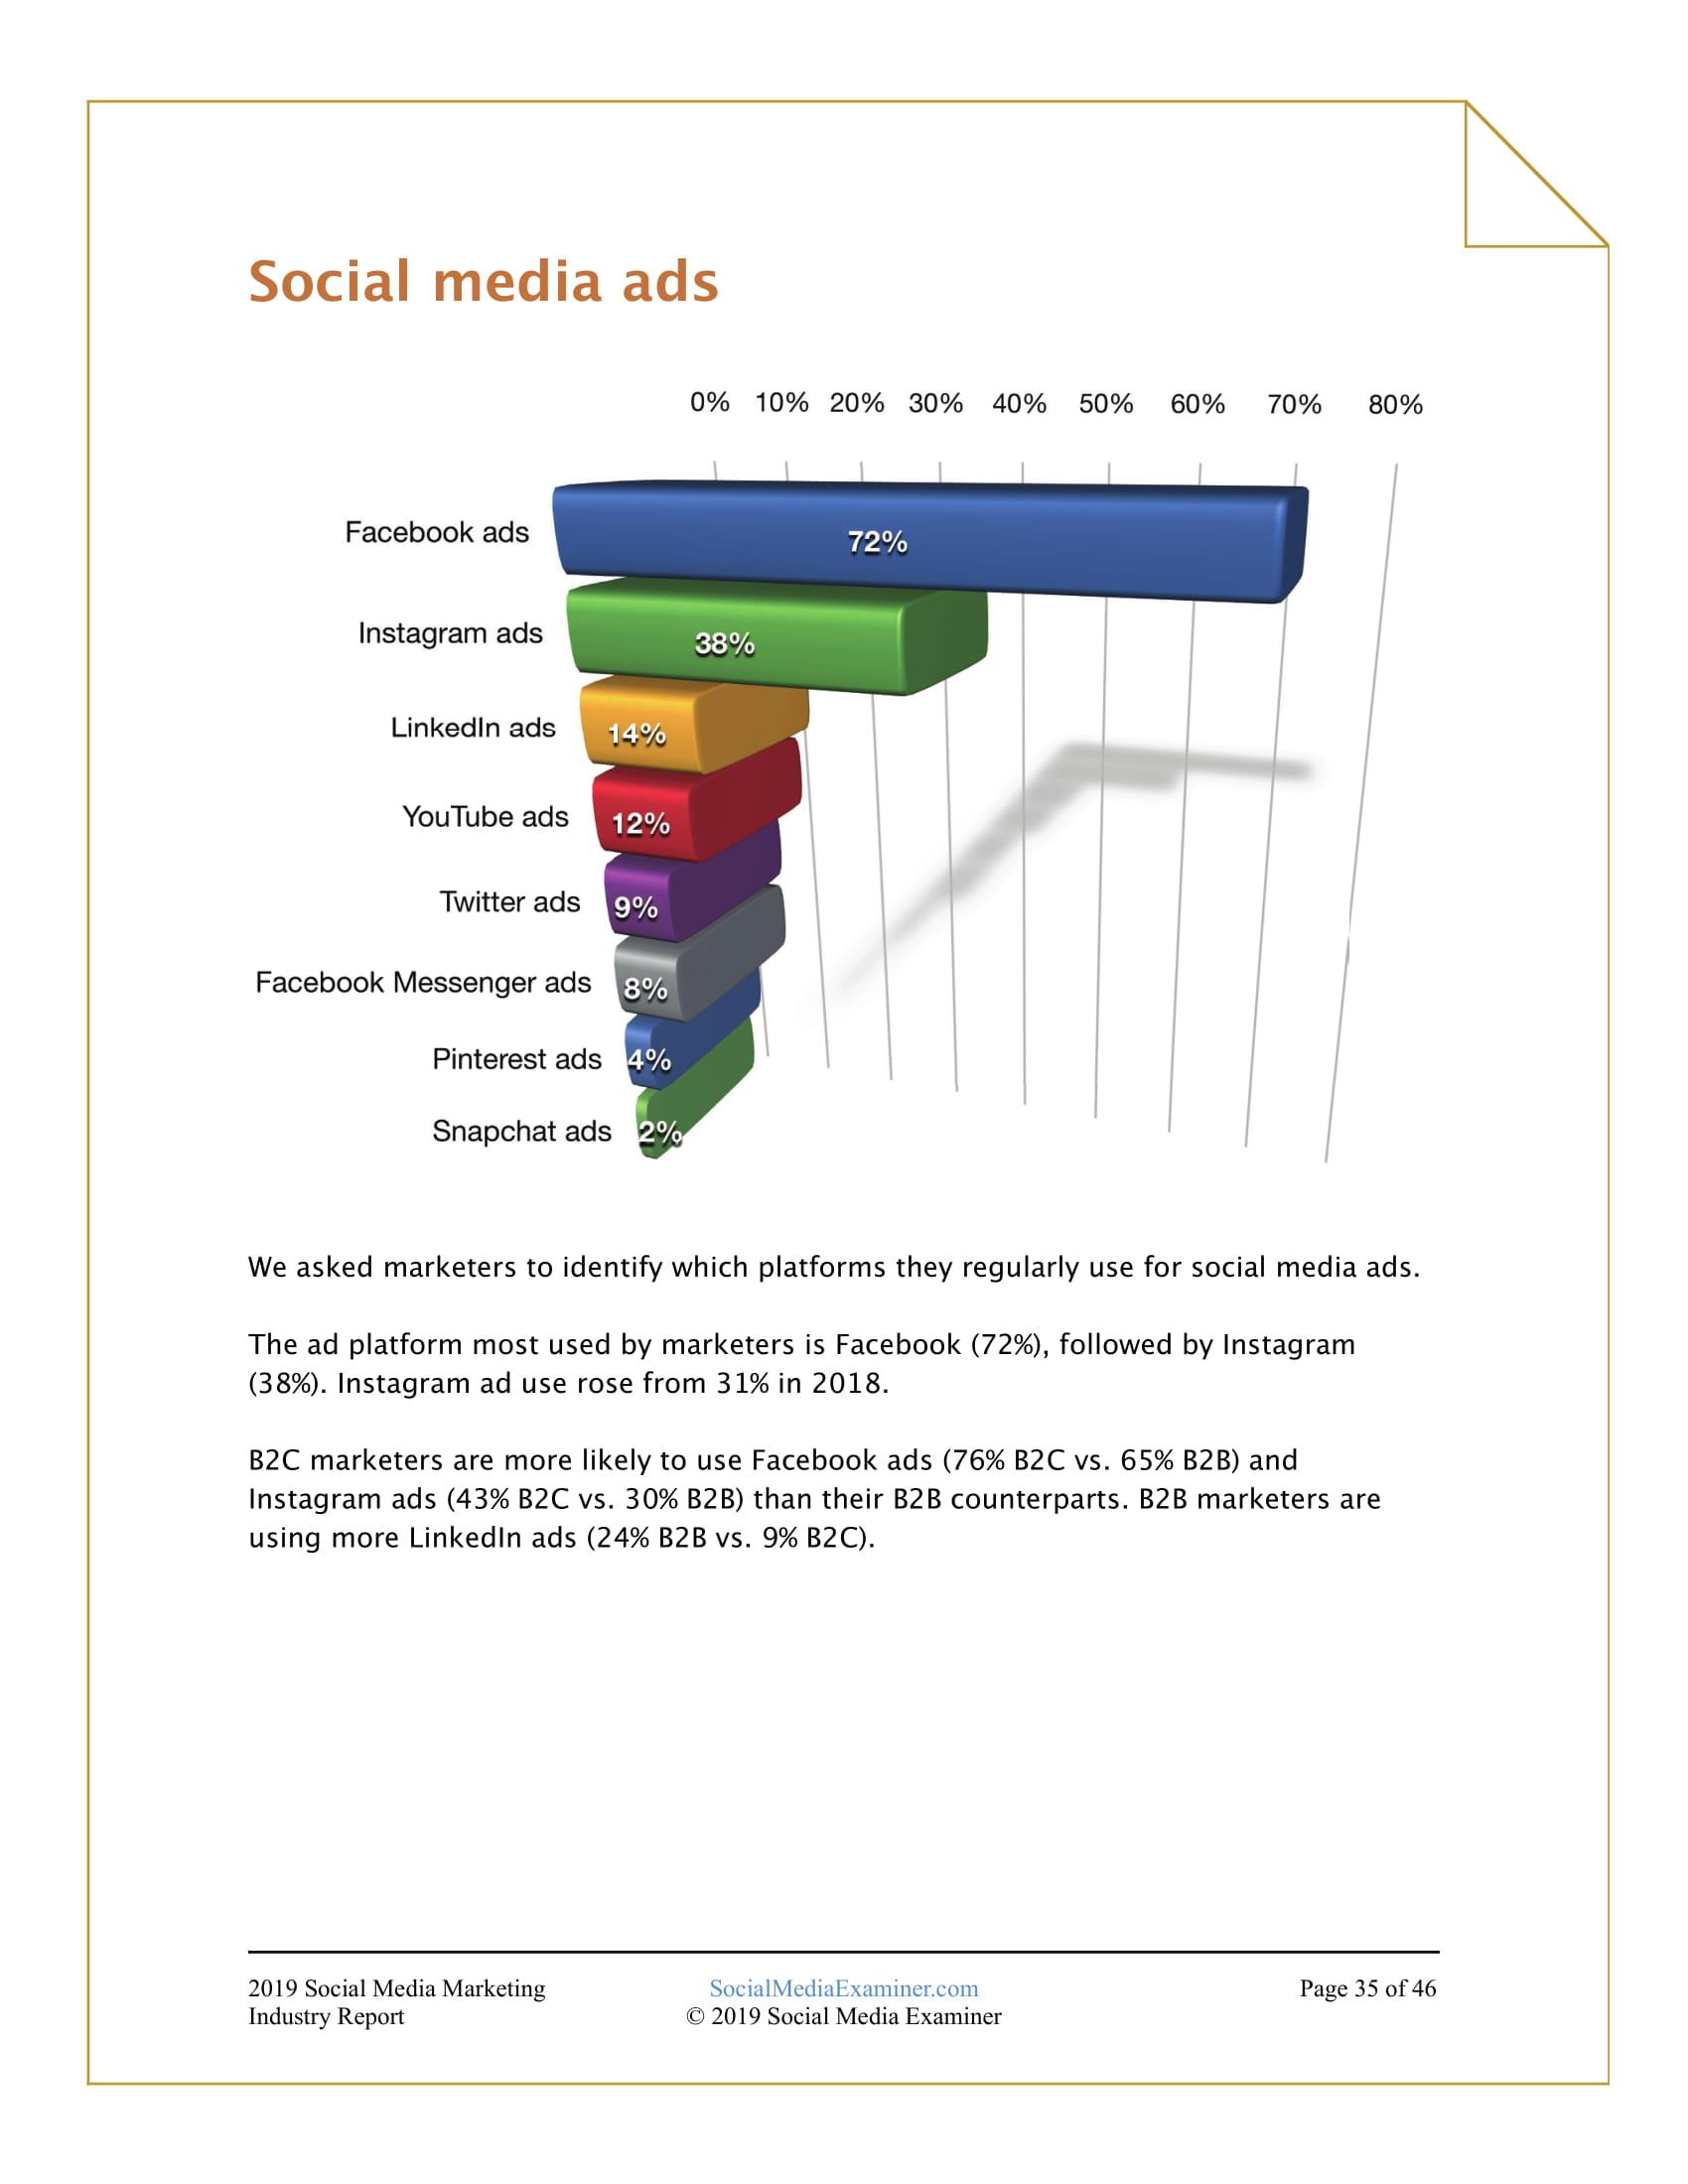 SME:2019年社交媒体营销行业报告-CNMOAD 中文移动营销资讯 36